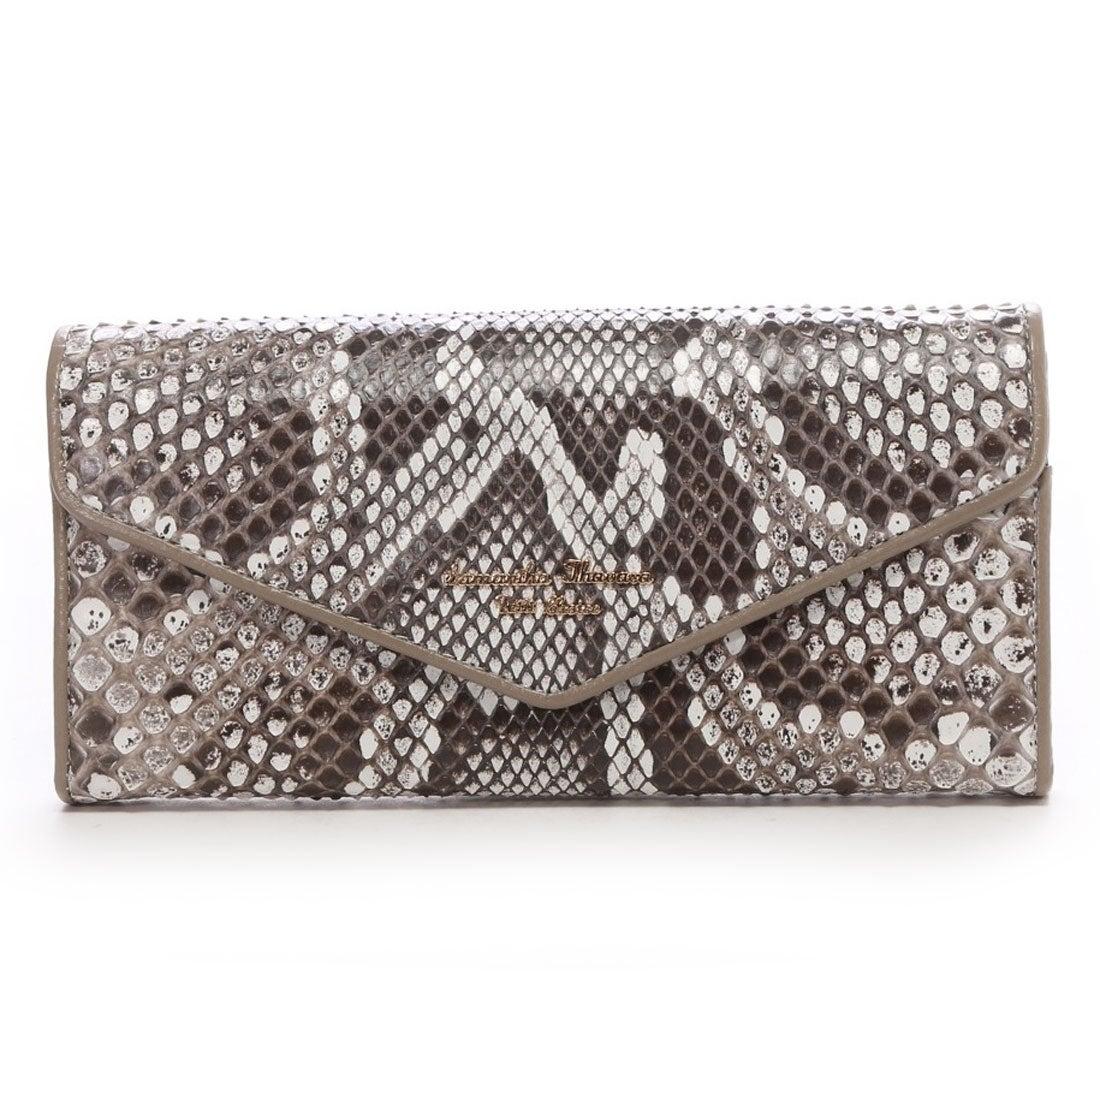 designer fashion 2fac1 4444f Samantha Thavasa サマンサタバサプチチョイス 1C パイソン ...